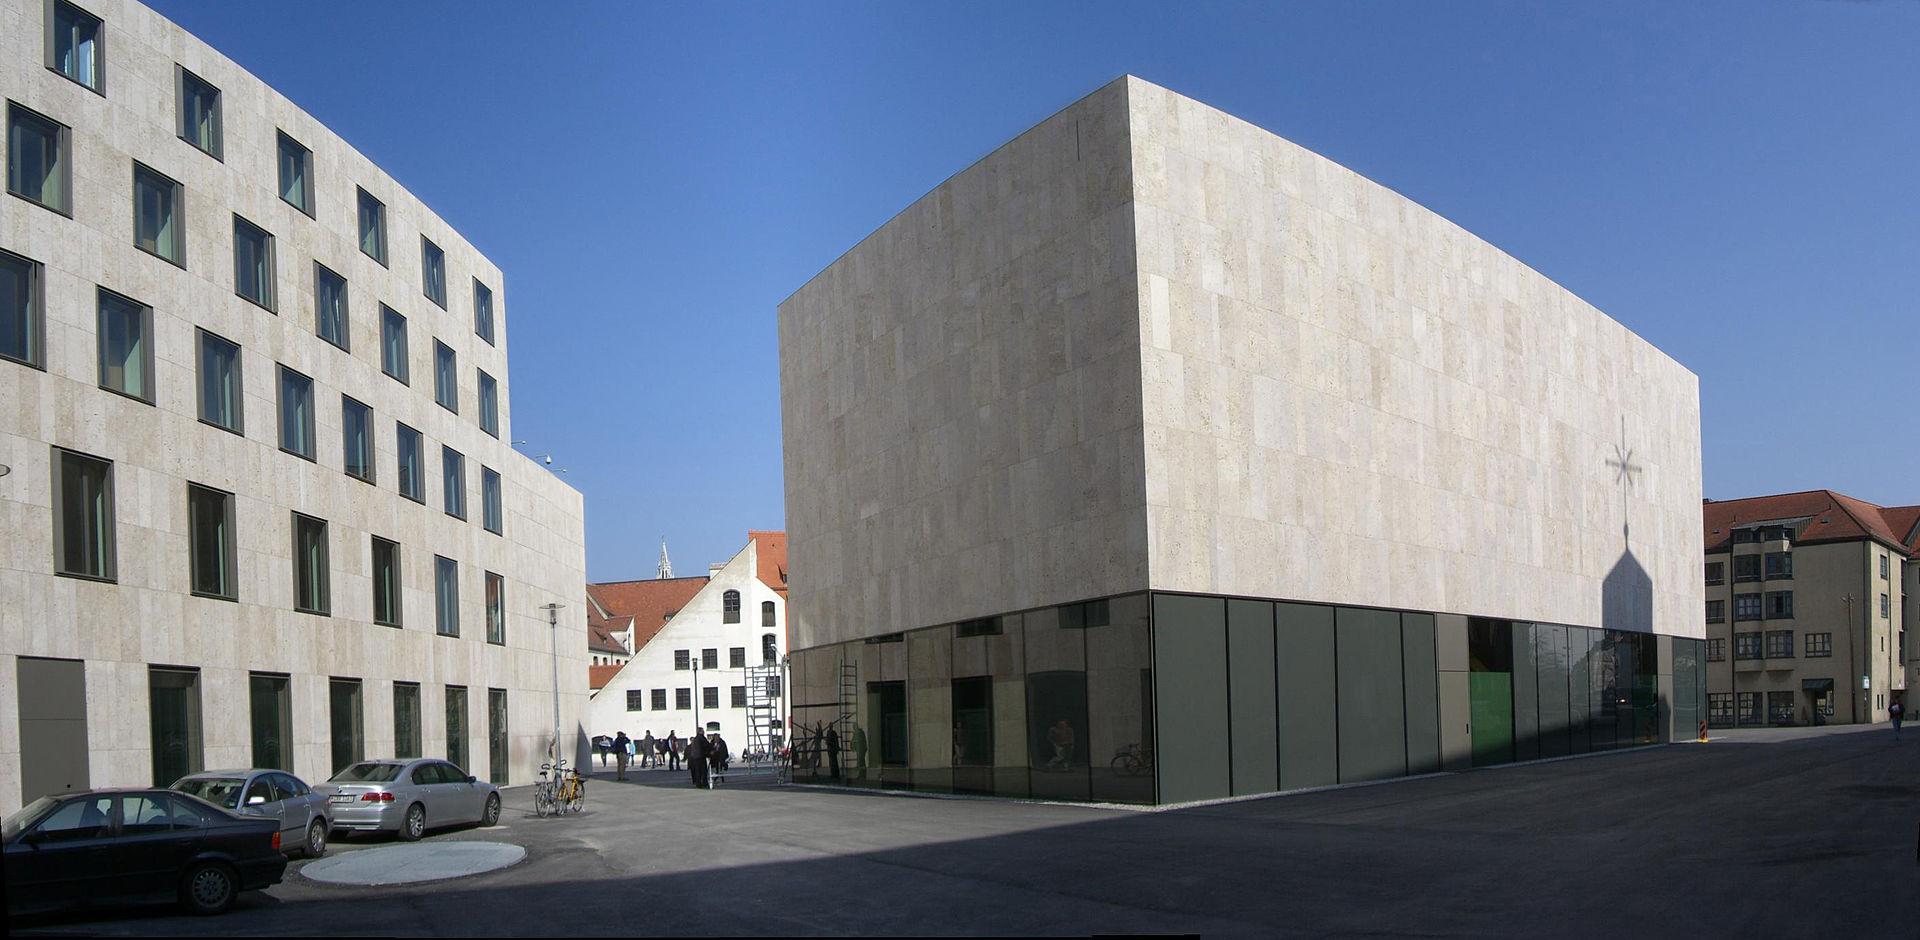 neue museumsarchitektur in m nchen. Black Bedroom Furniture Sets. Home Design Ideas